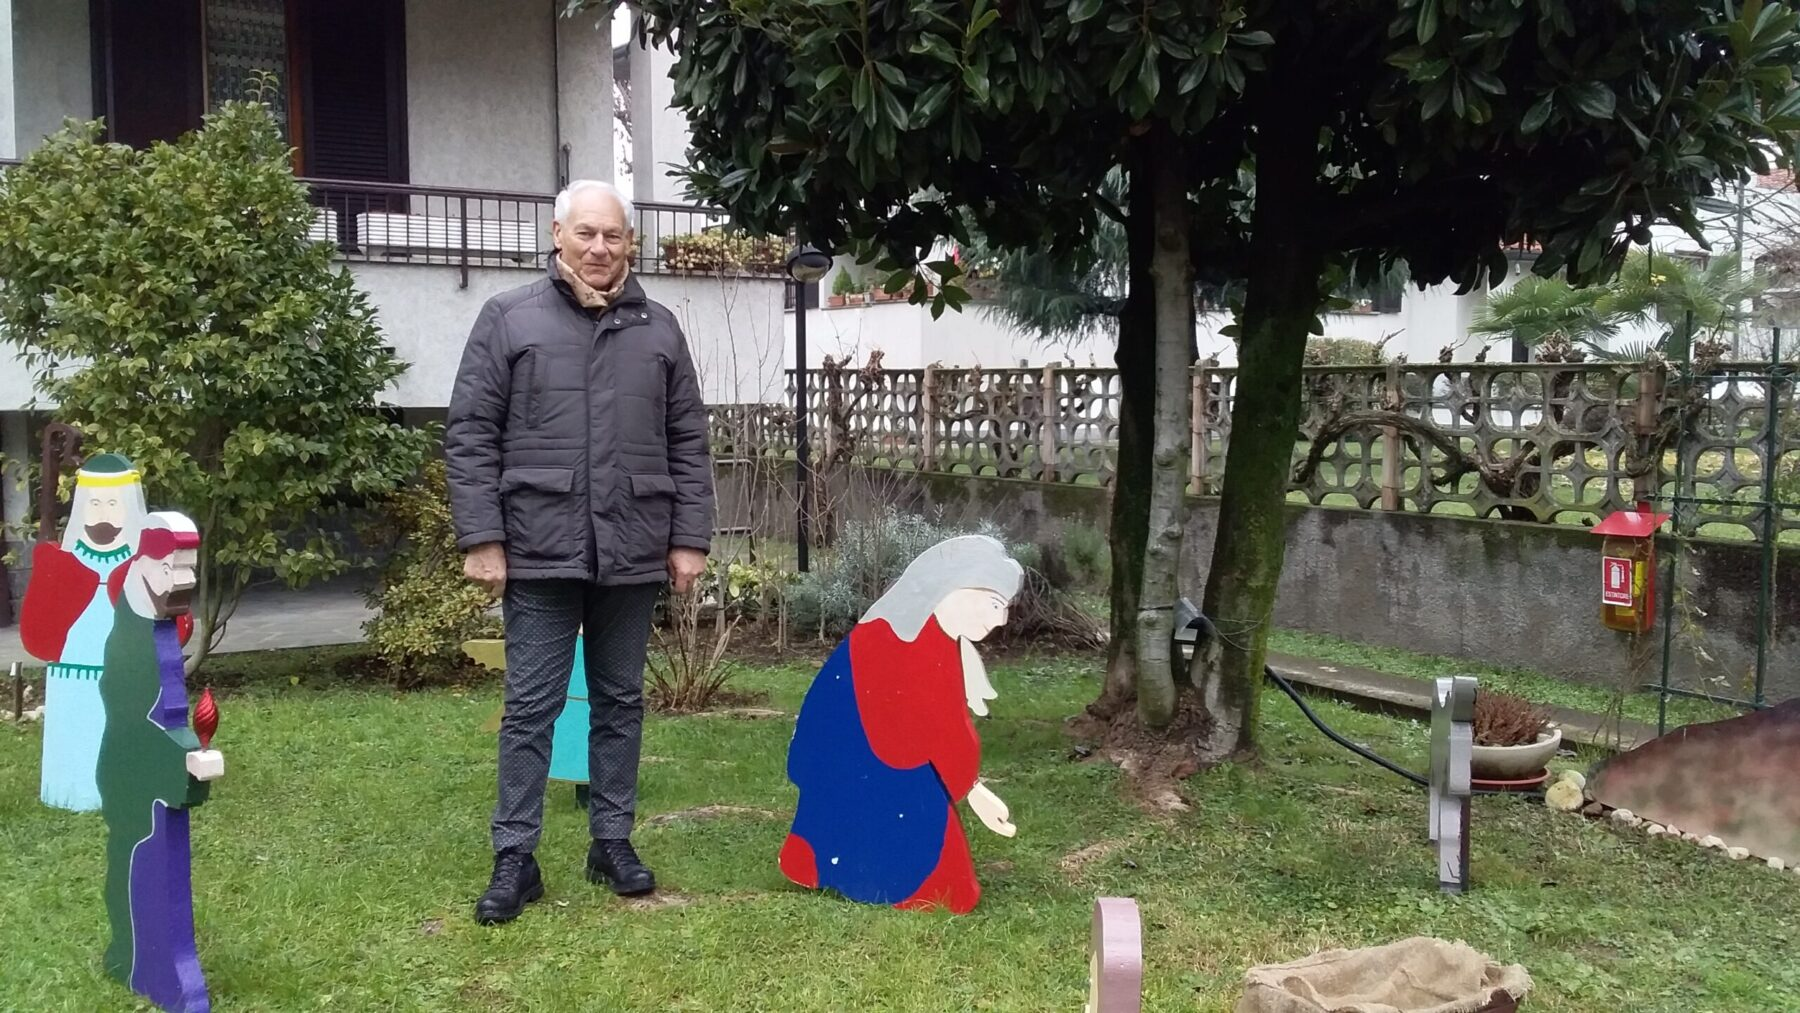 Magenta - Statue artigianali in giardino. Il presepe di Franco Casile. Magenta 11/12/2020